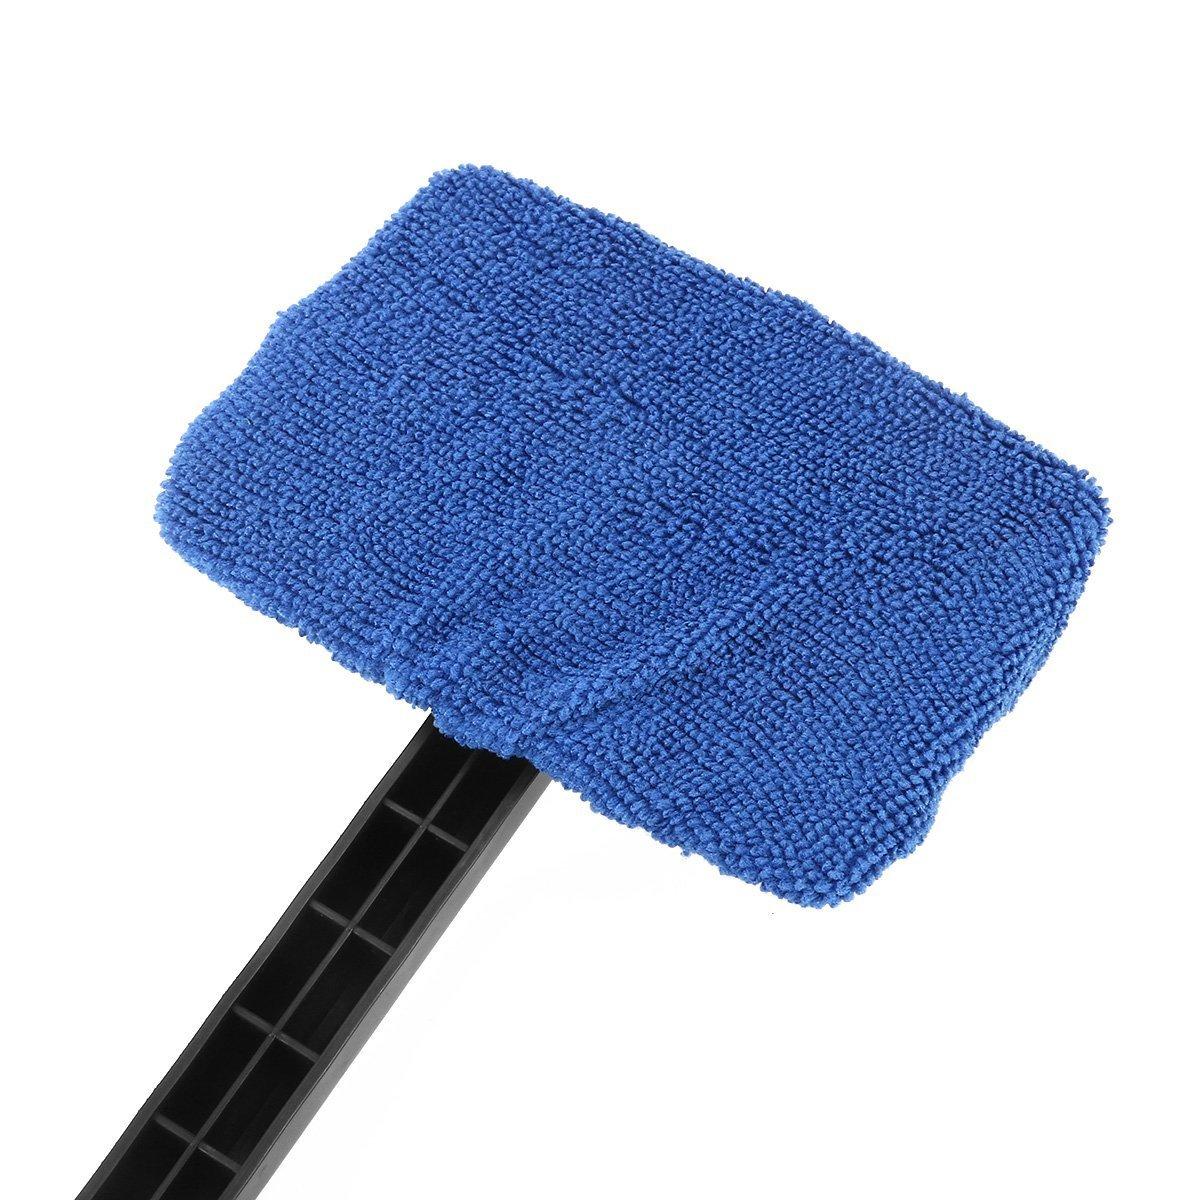 Bleu WINOMO 2/pcs de voiture pare-brise Cleaner Brosse Auto fen/être en verre outils de brosse de nettoyage avec long manche